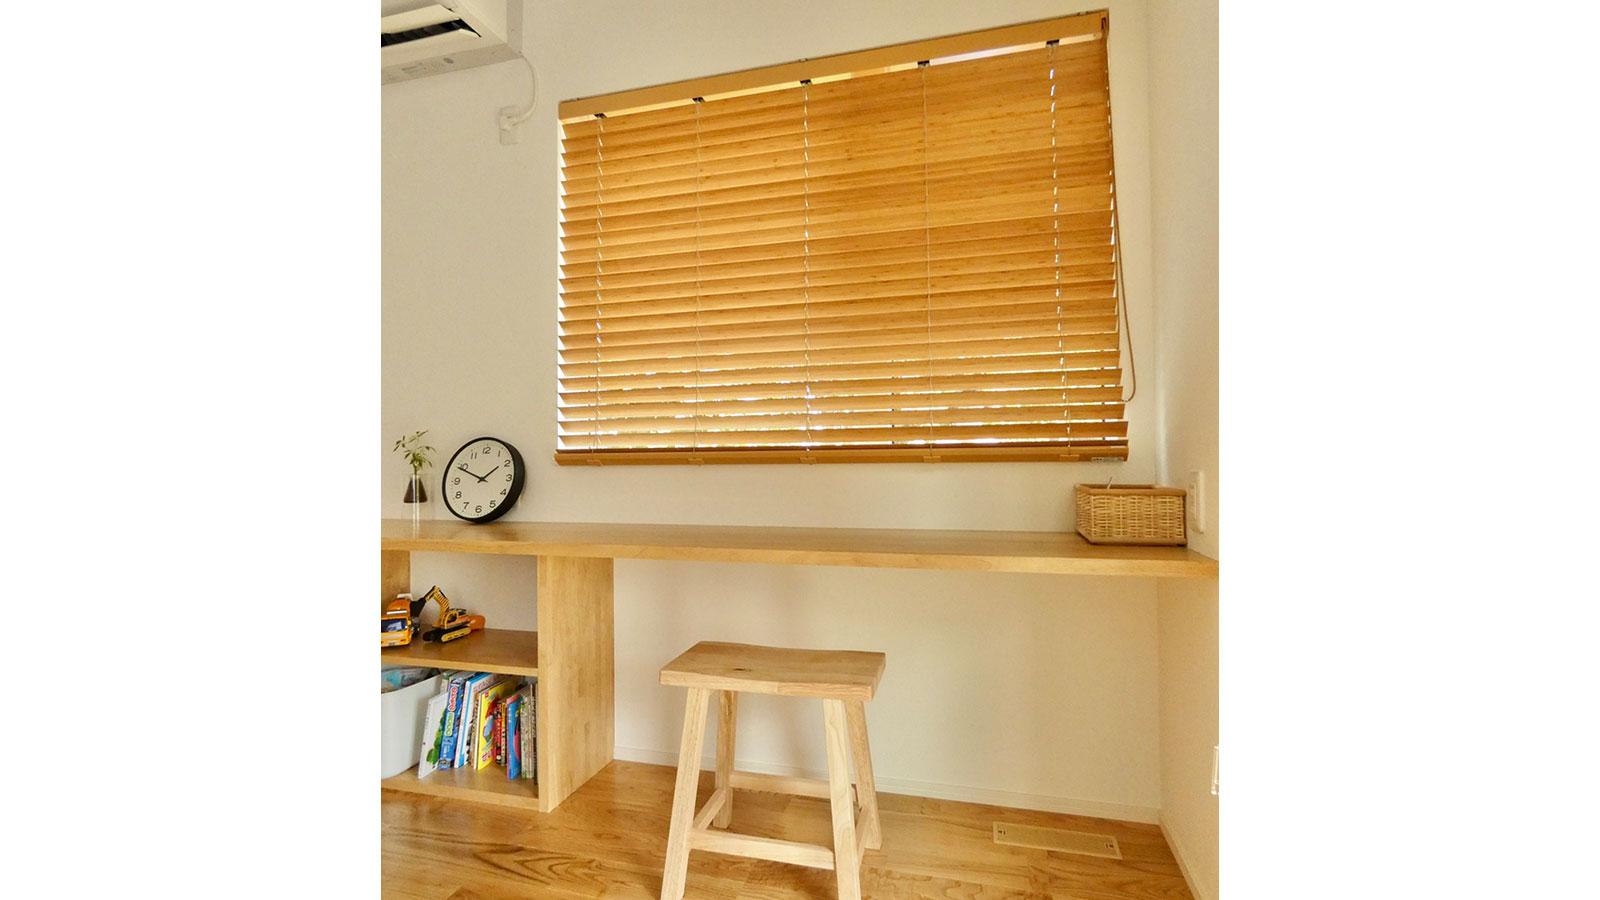 「ONE'S HOME」さんが手掛ける浜松市浜北区小松のY様宅の北欧ベースのナチュラルテイストなお家の内装の窓枠とマイサカ家具のナチュラルの椅子